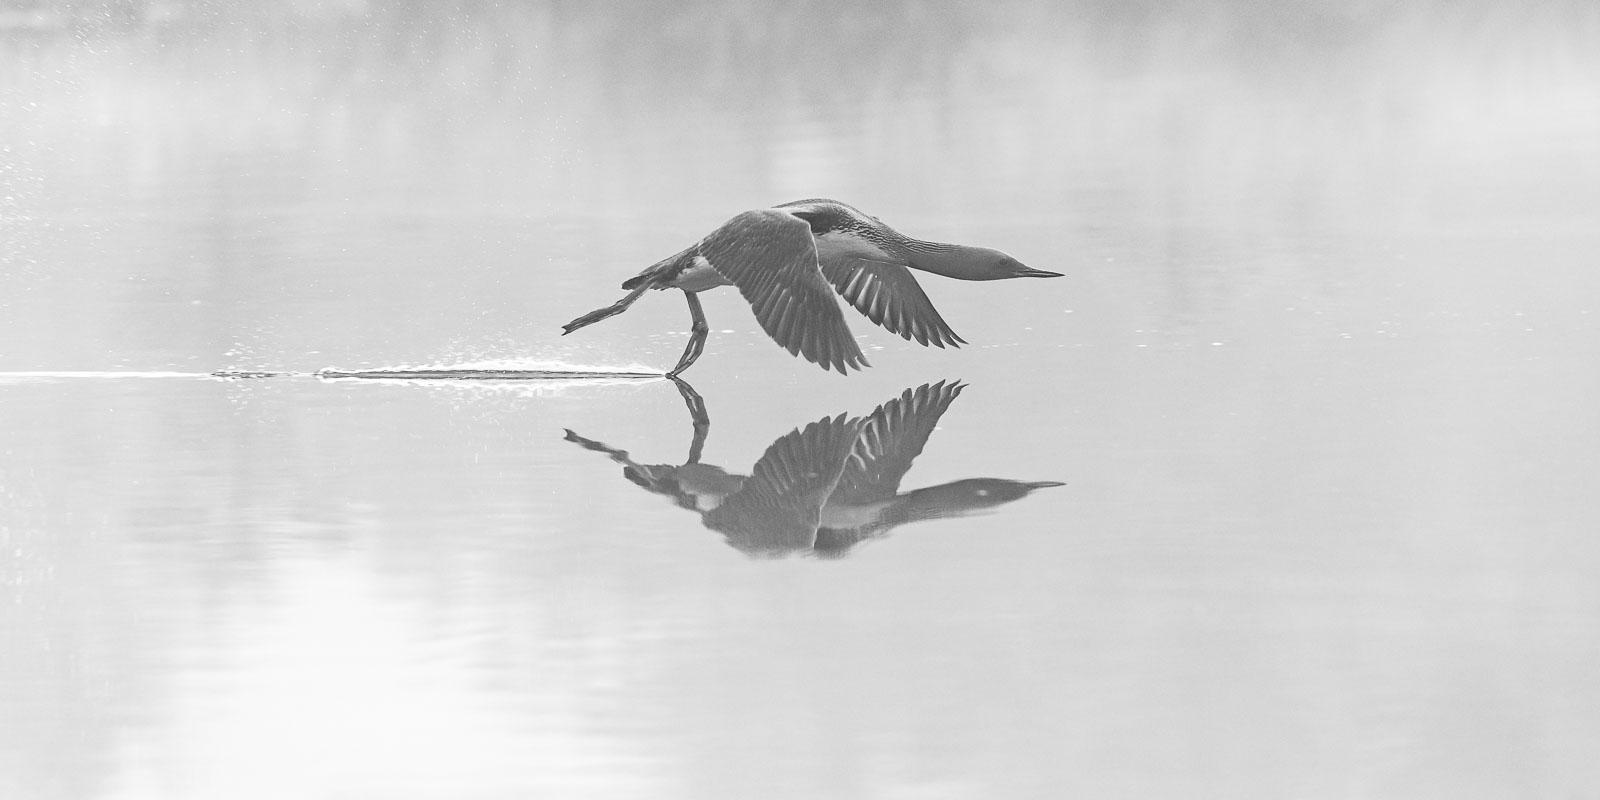 Morning mist flight